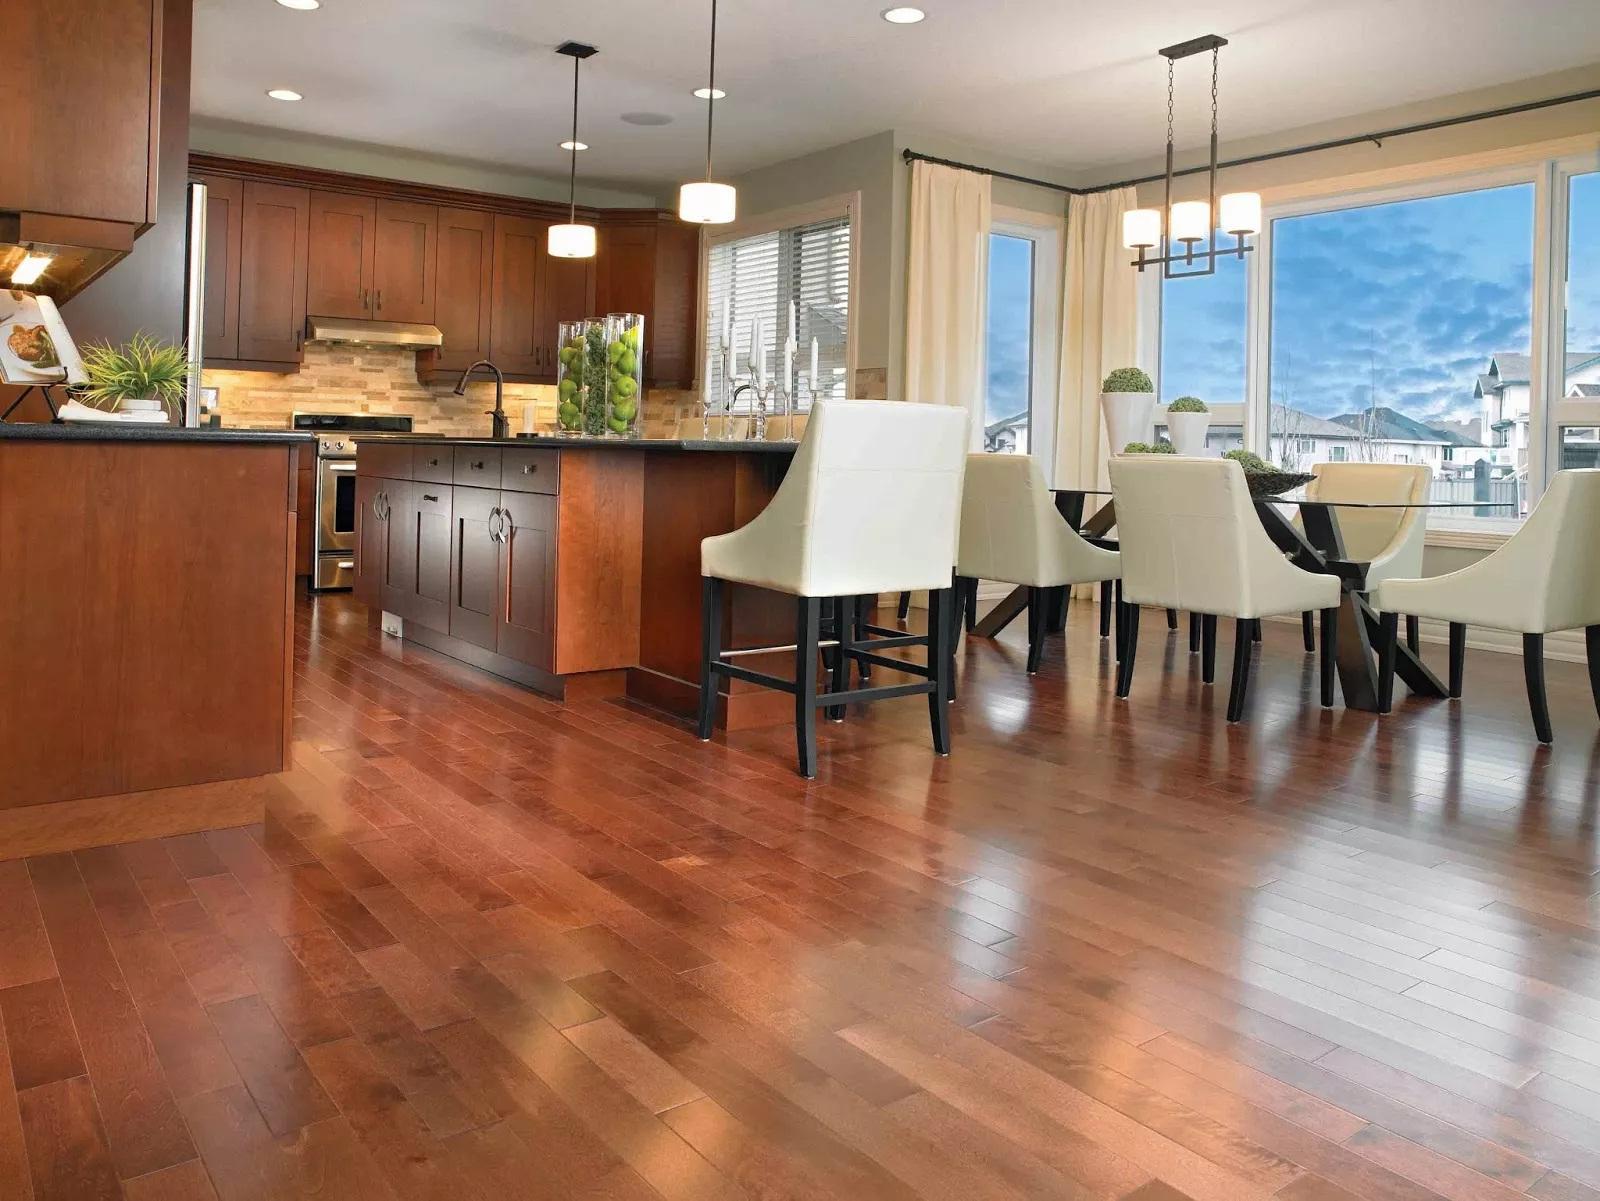 Kiến trúc sư giải đáp những câu hỏi thắc mắc thường gặp của những người đang có ý định làm sàn gỗ - Ảnh 4